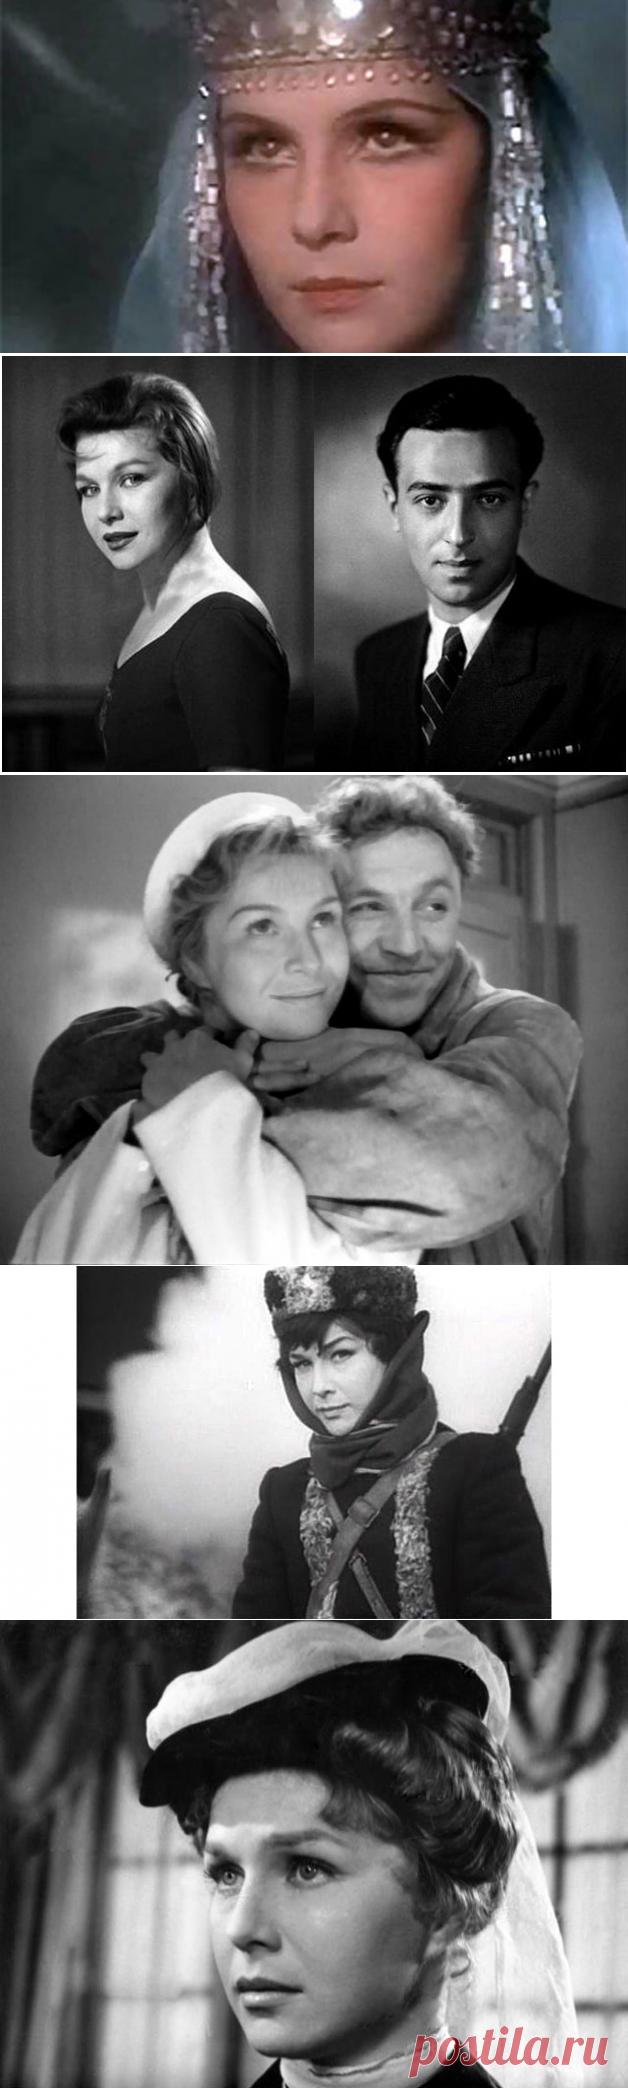 Нинель Мышкова, звезда фильма «Гадюка», 20 лет жила в «ином мире» | Это было недавно, это было давно | Яндекс Дзен